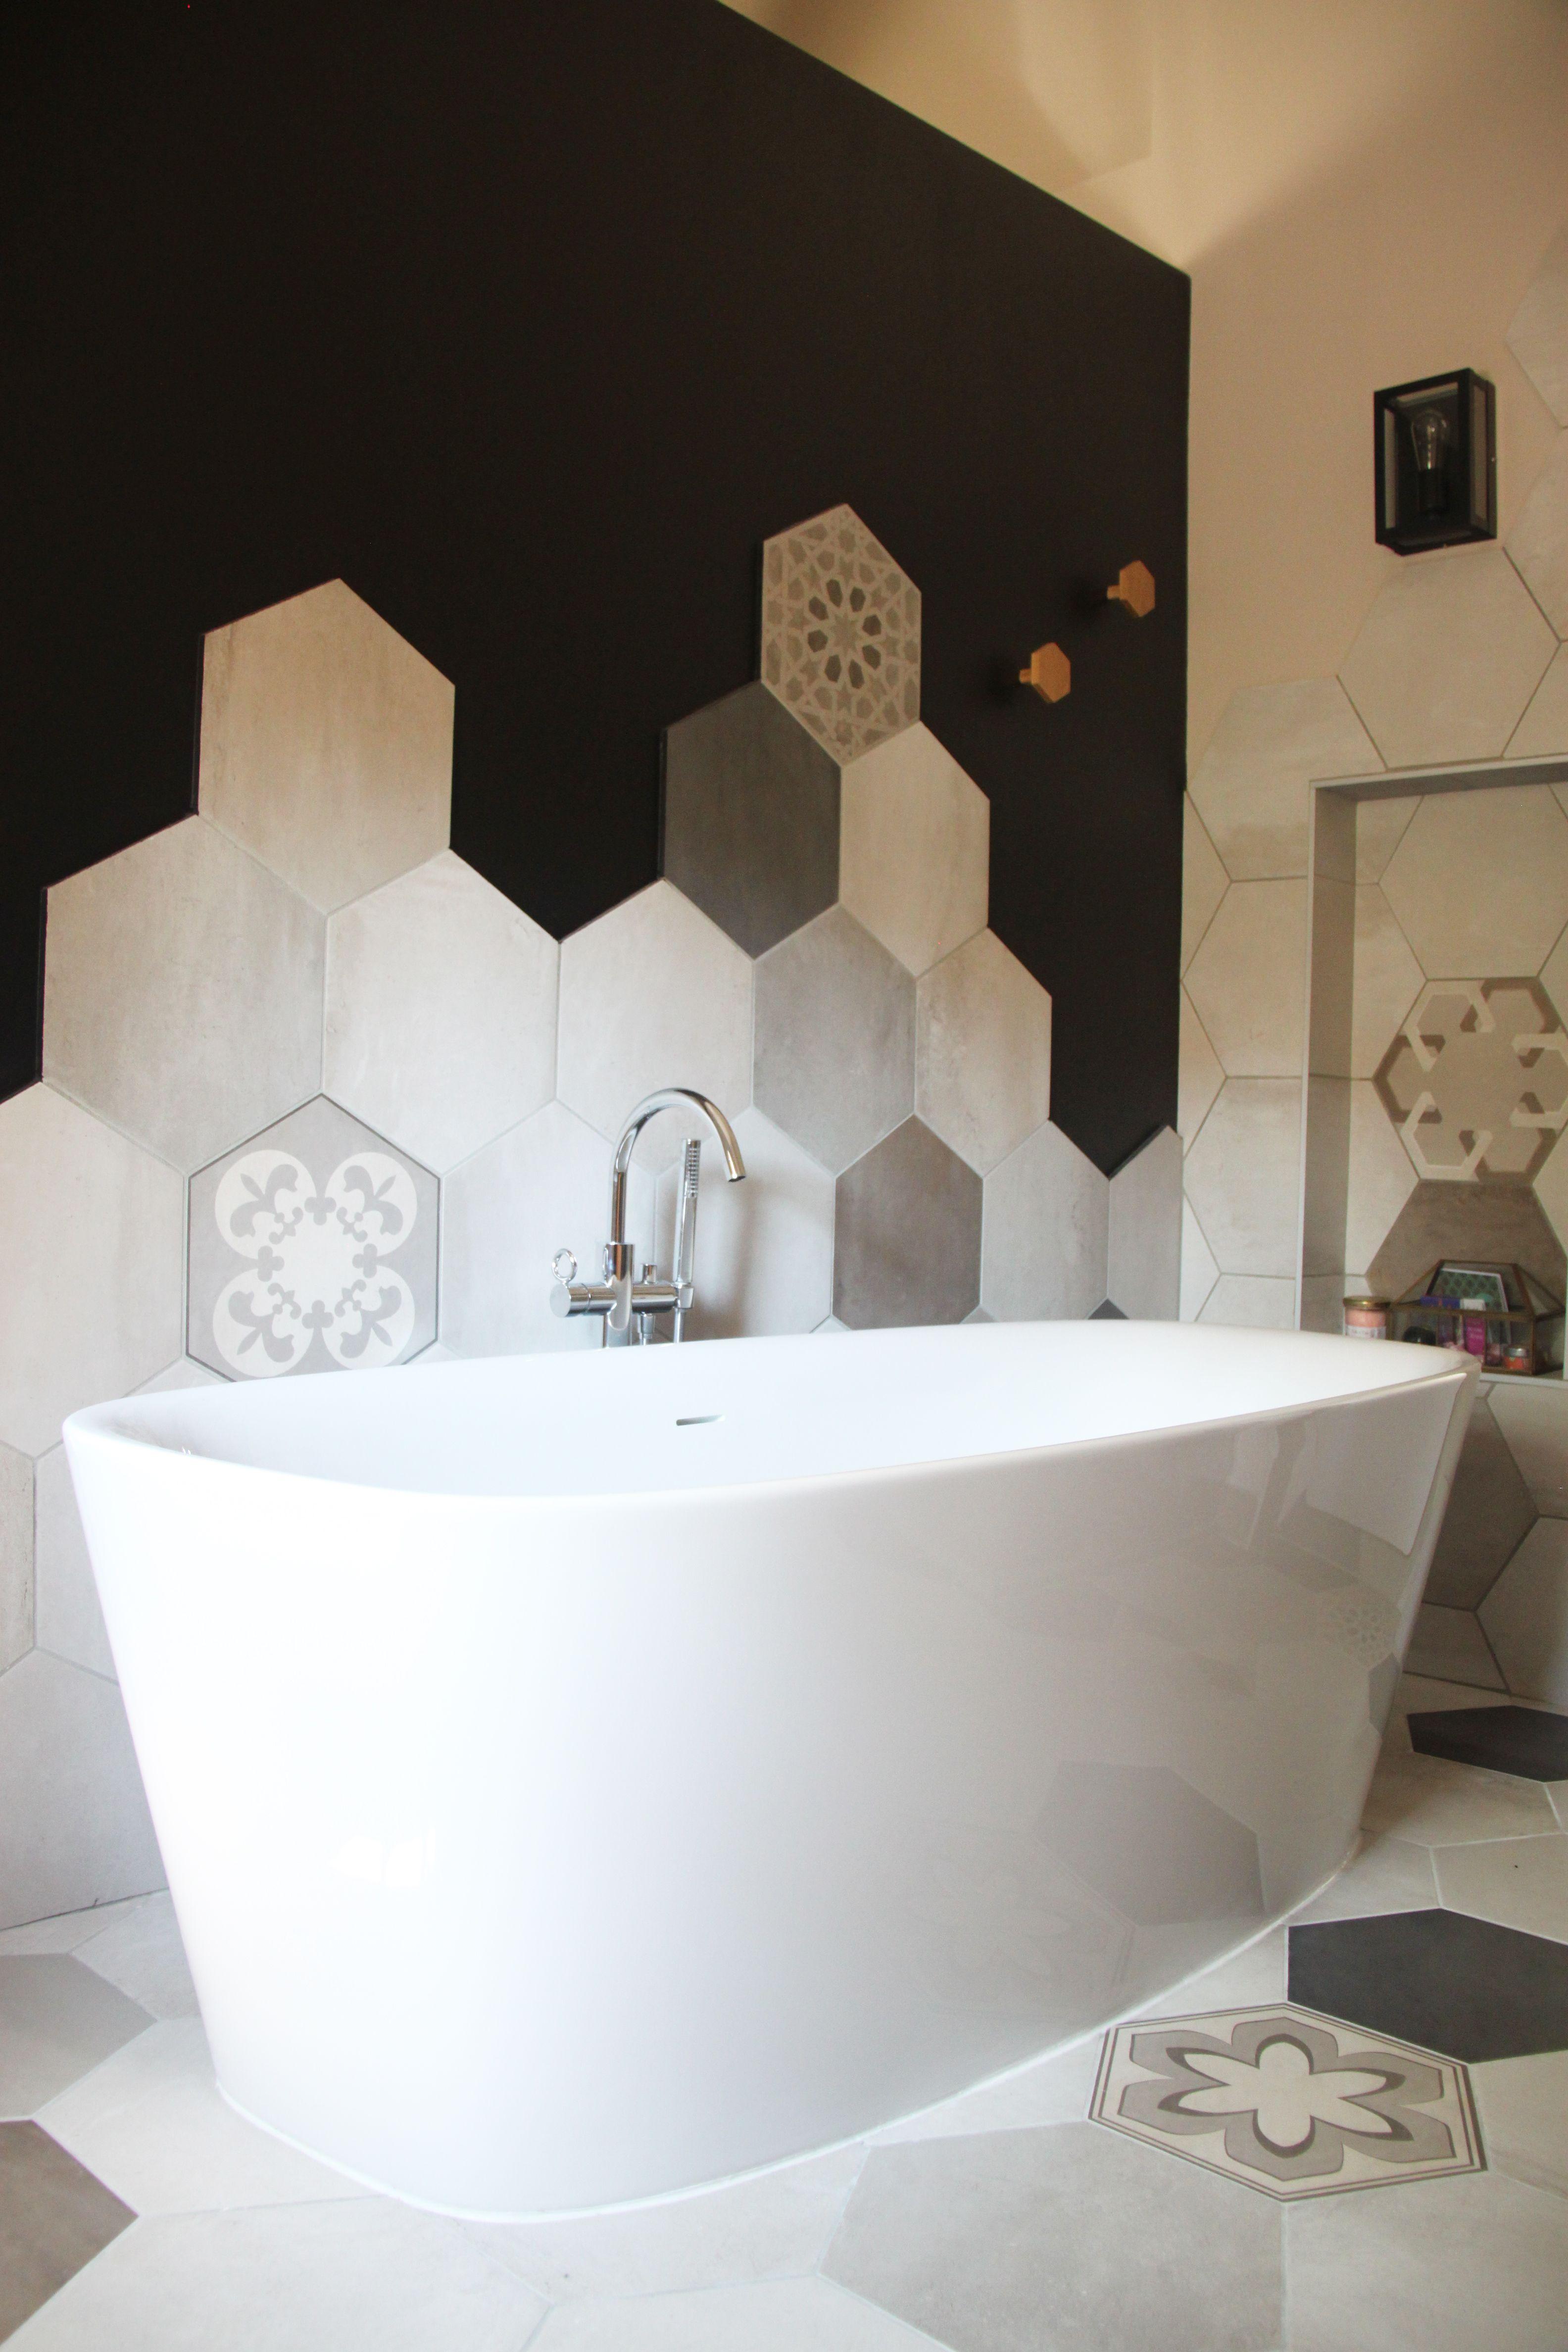 salle de bain avec une belle baignoire ilot et des faiences en ... - Salle De Bain Avec Baignoire Ilot